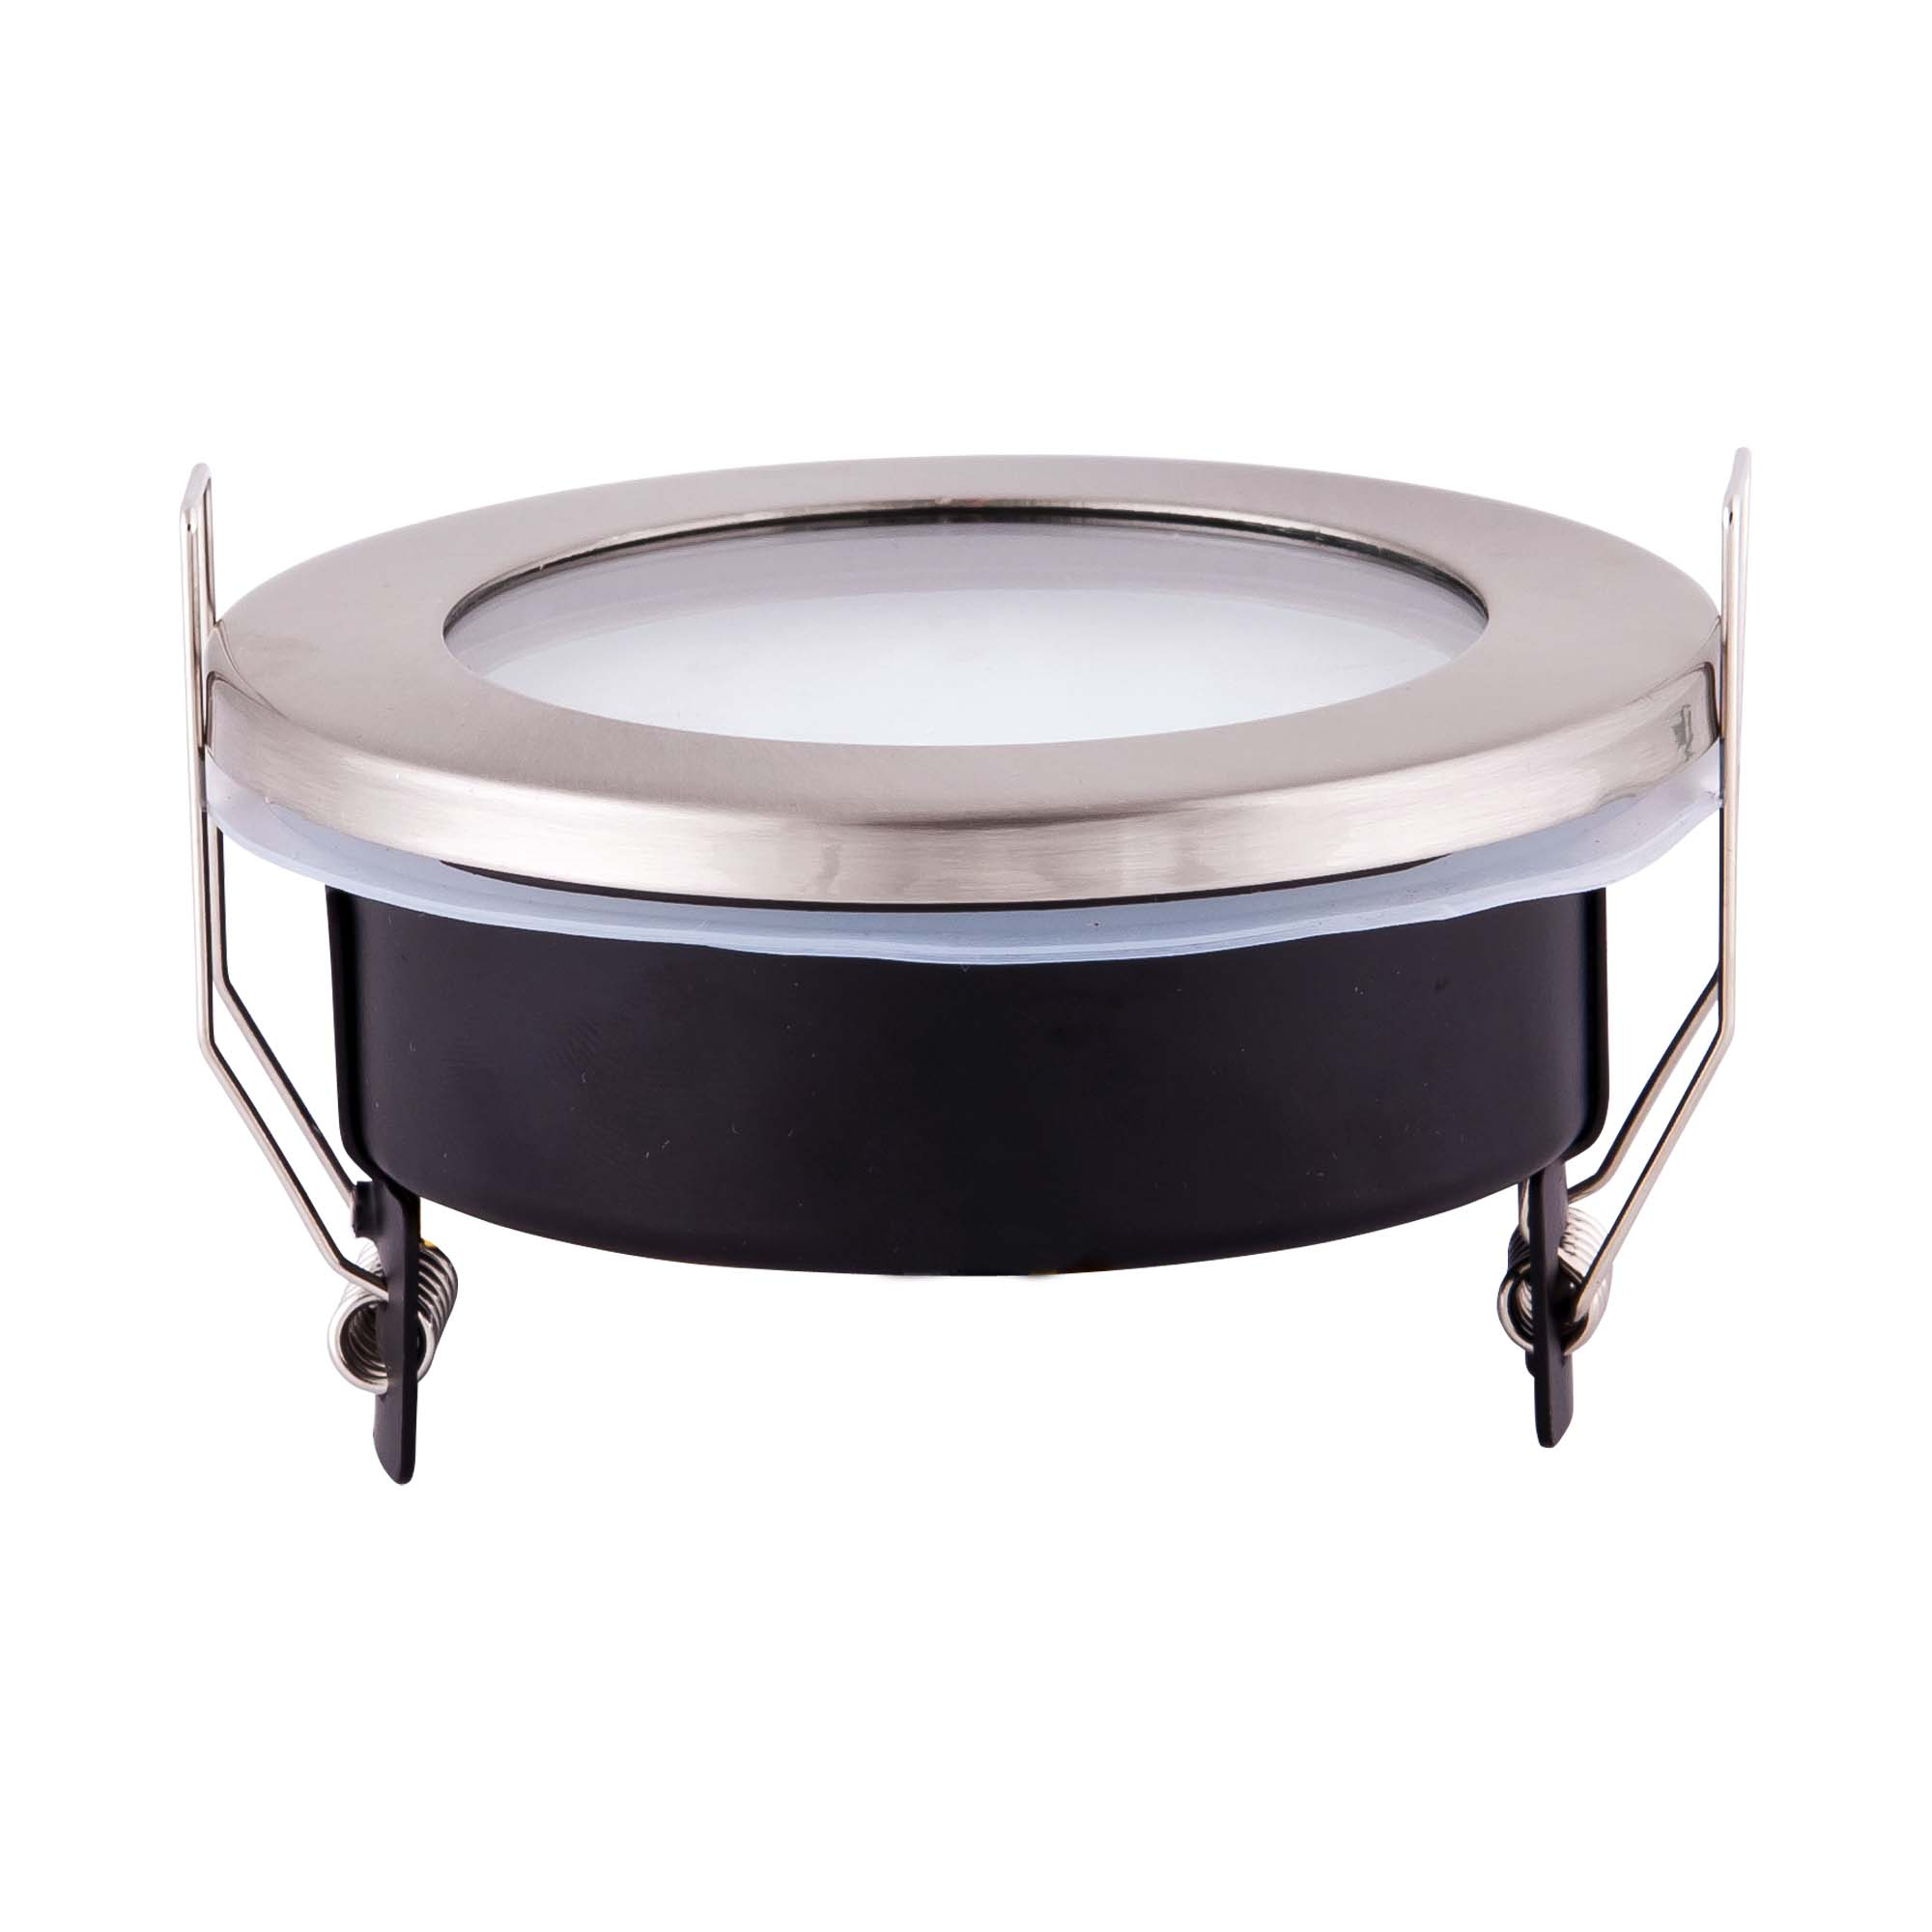 Светильник встраиваемый Uniel Gx53-9/2700/Н5 Серебро nike nike ni464aghca01